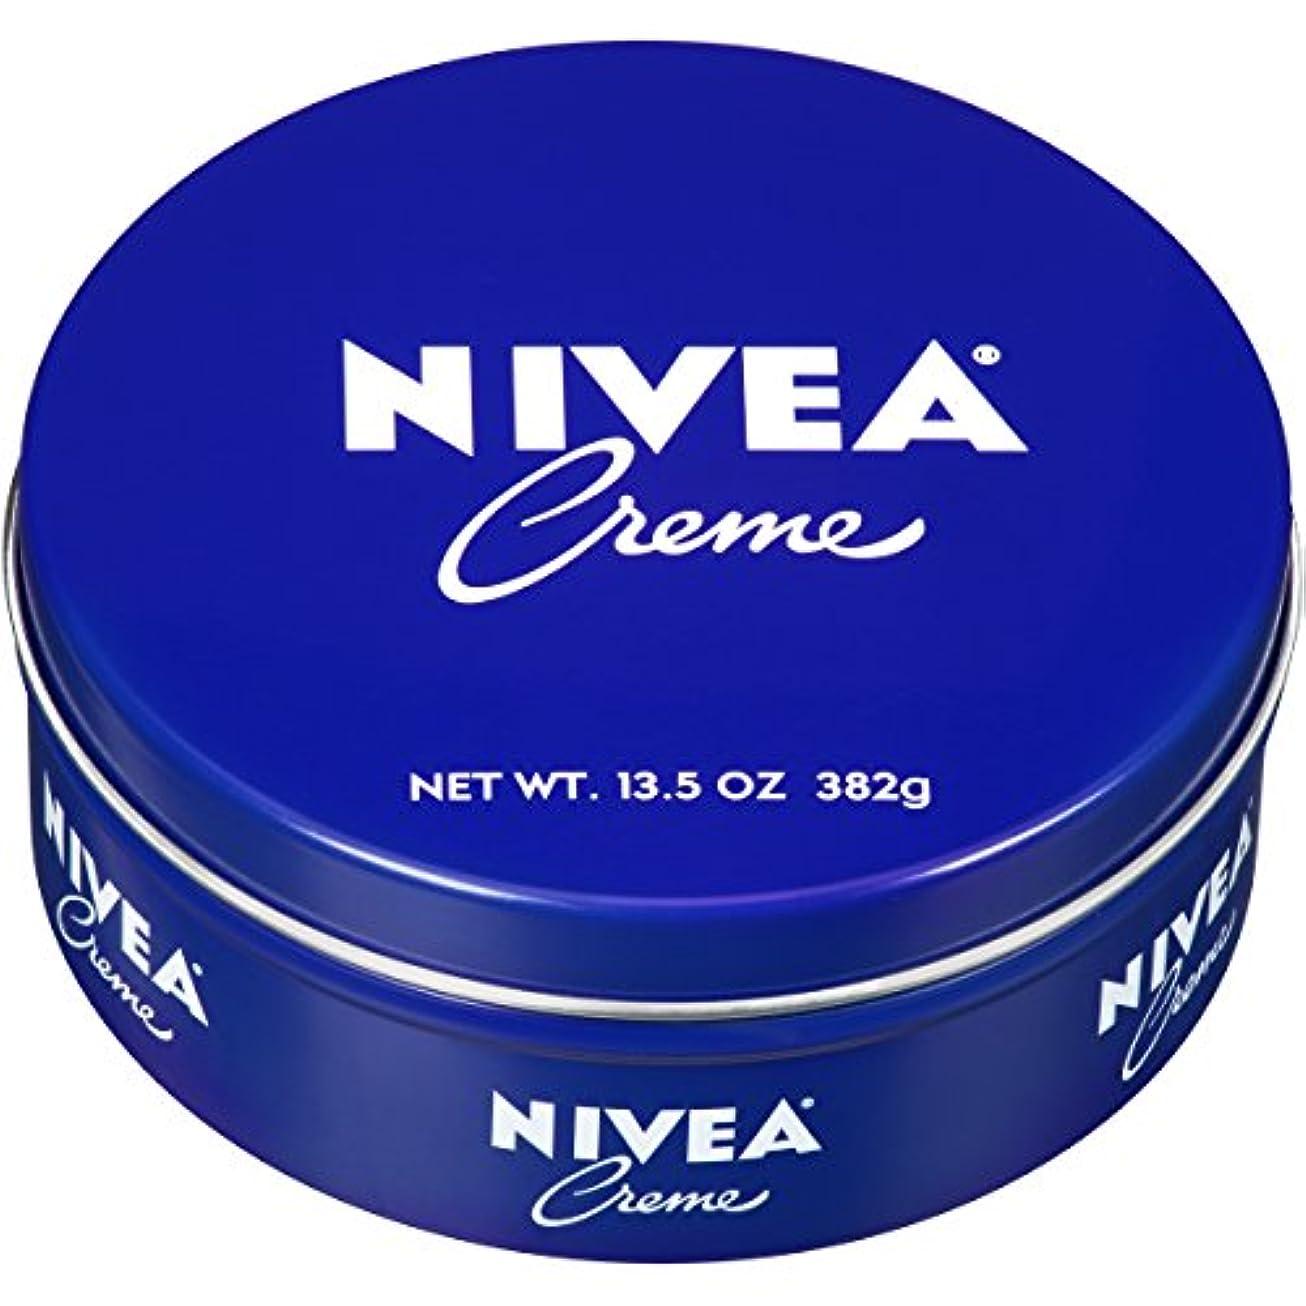 おじいちゃん平方留め金NIVEA ニベア クリーム 特大サイズ 400g アルミ缶